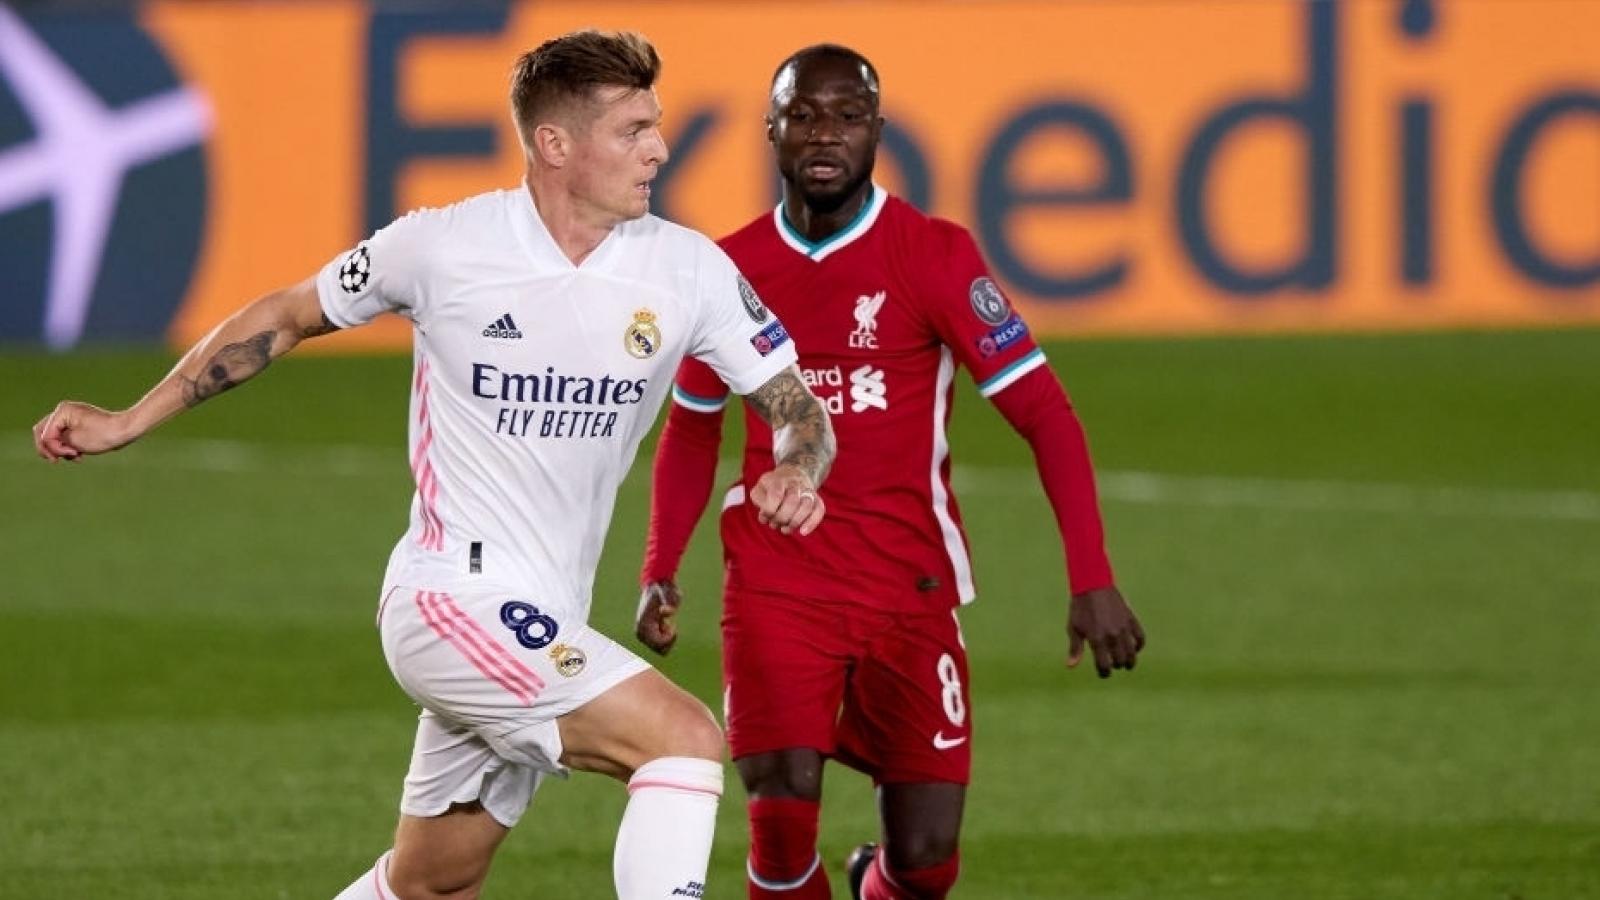 Dư âm Real Madrid 3-1 Liverpool: Kroos hóa thiên tài và nước cờ sai của Klopp